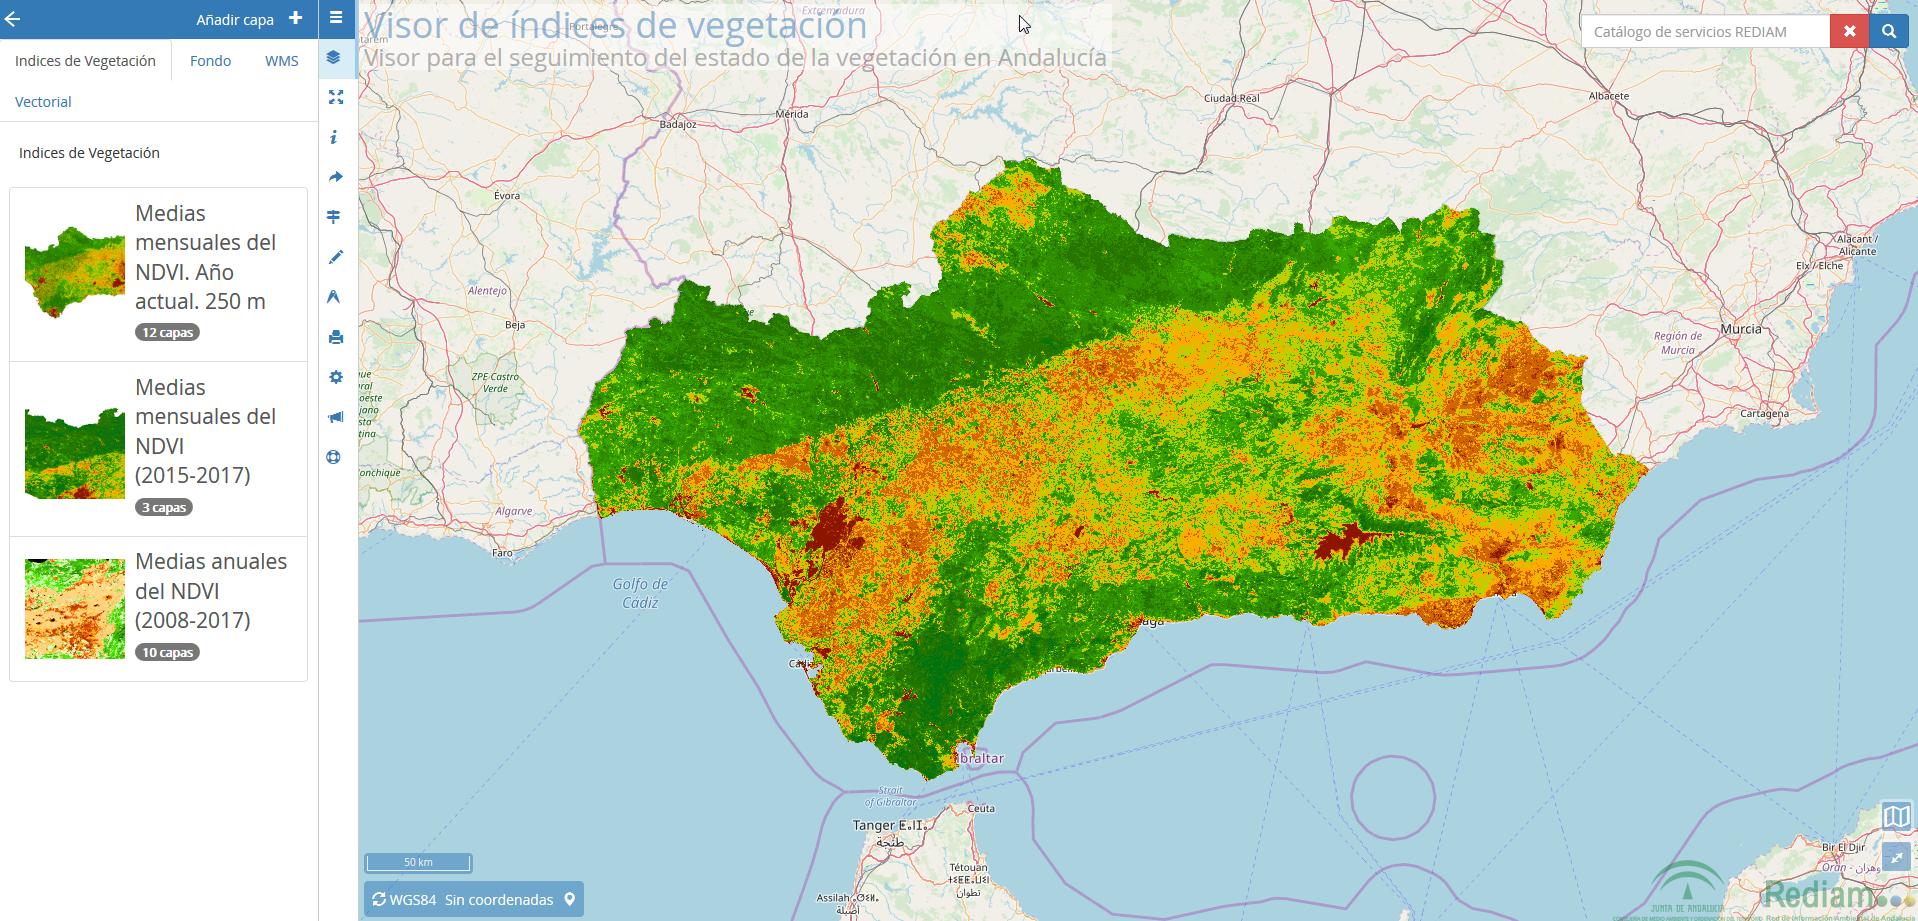 Visor Rediam WMS Índices de Vegetación